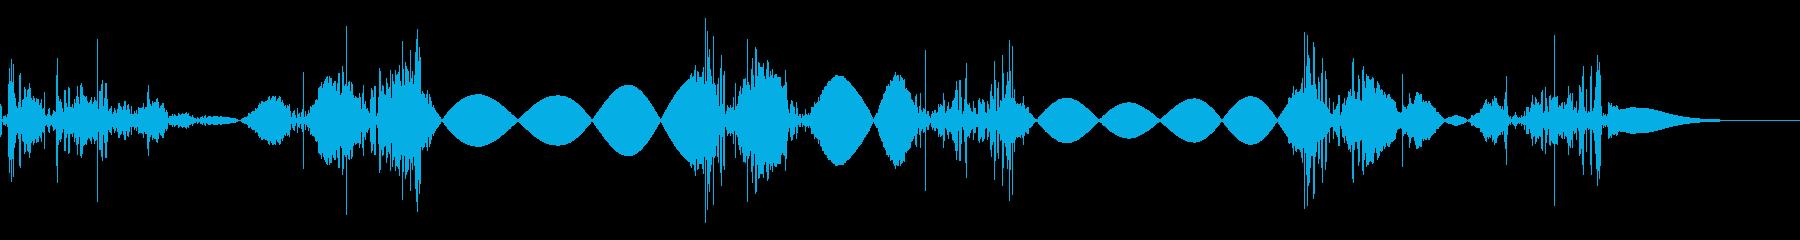 シャカシャカシャカ(高速)の再生済みの波形